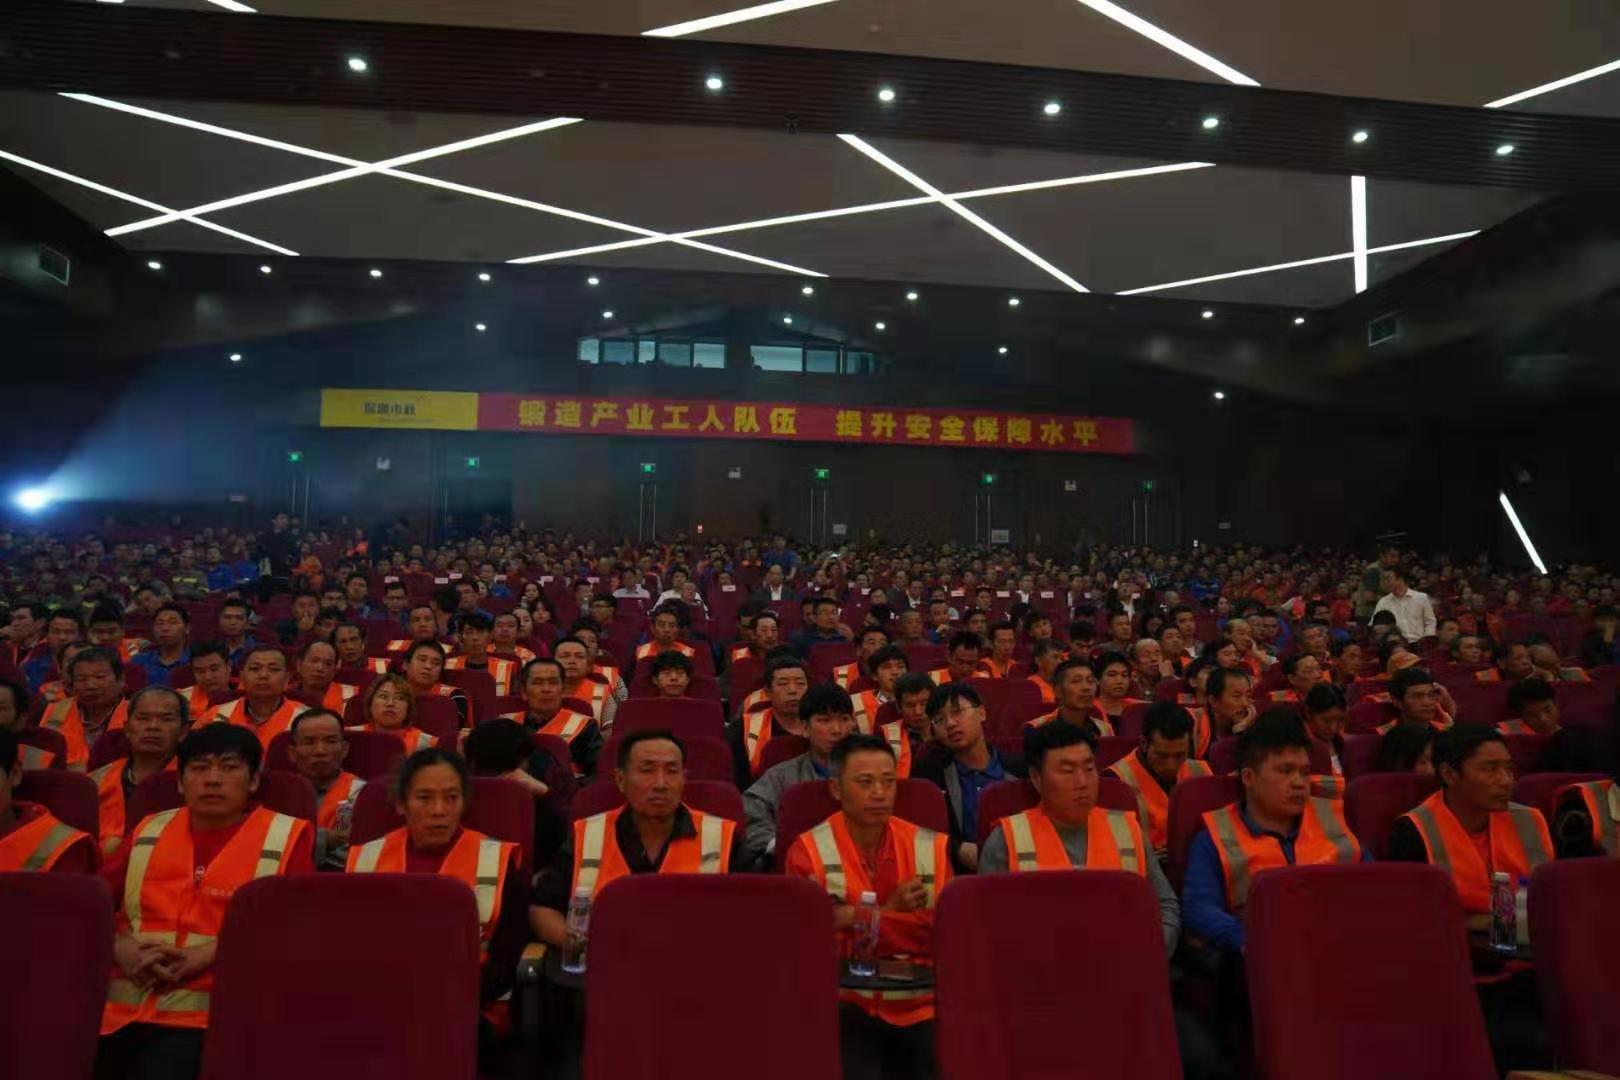 深圳市政总公司举行宁静文艺汇演运动